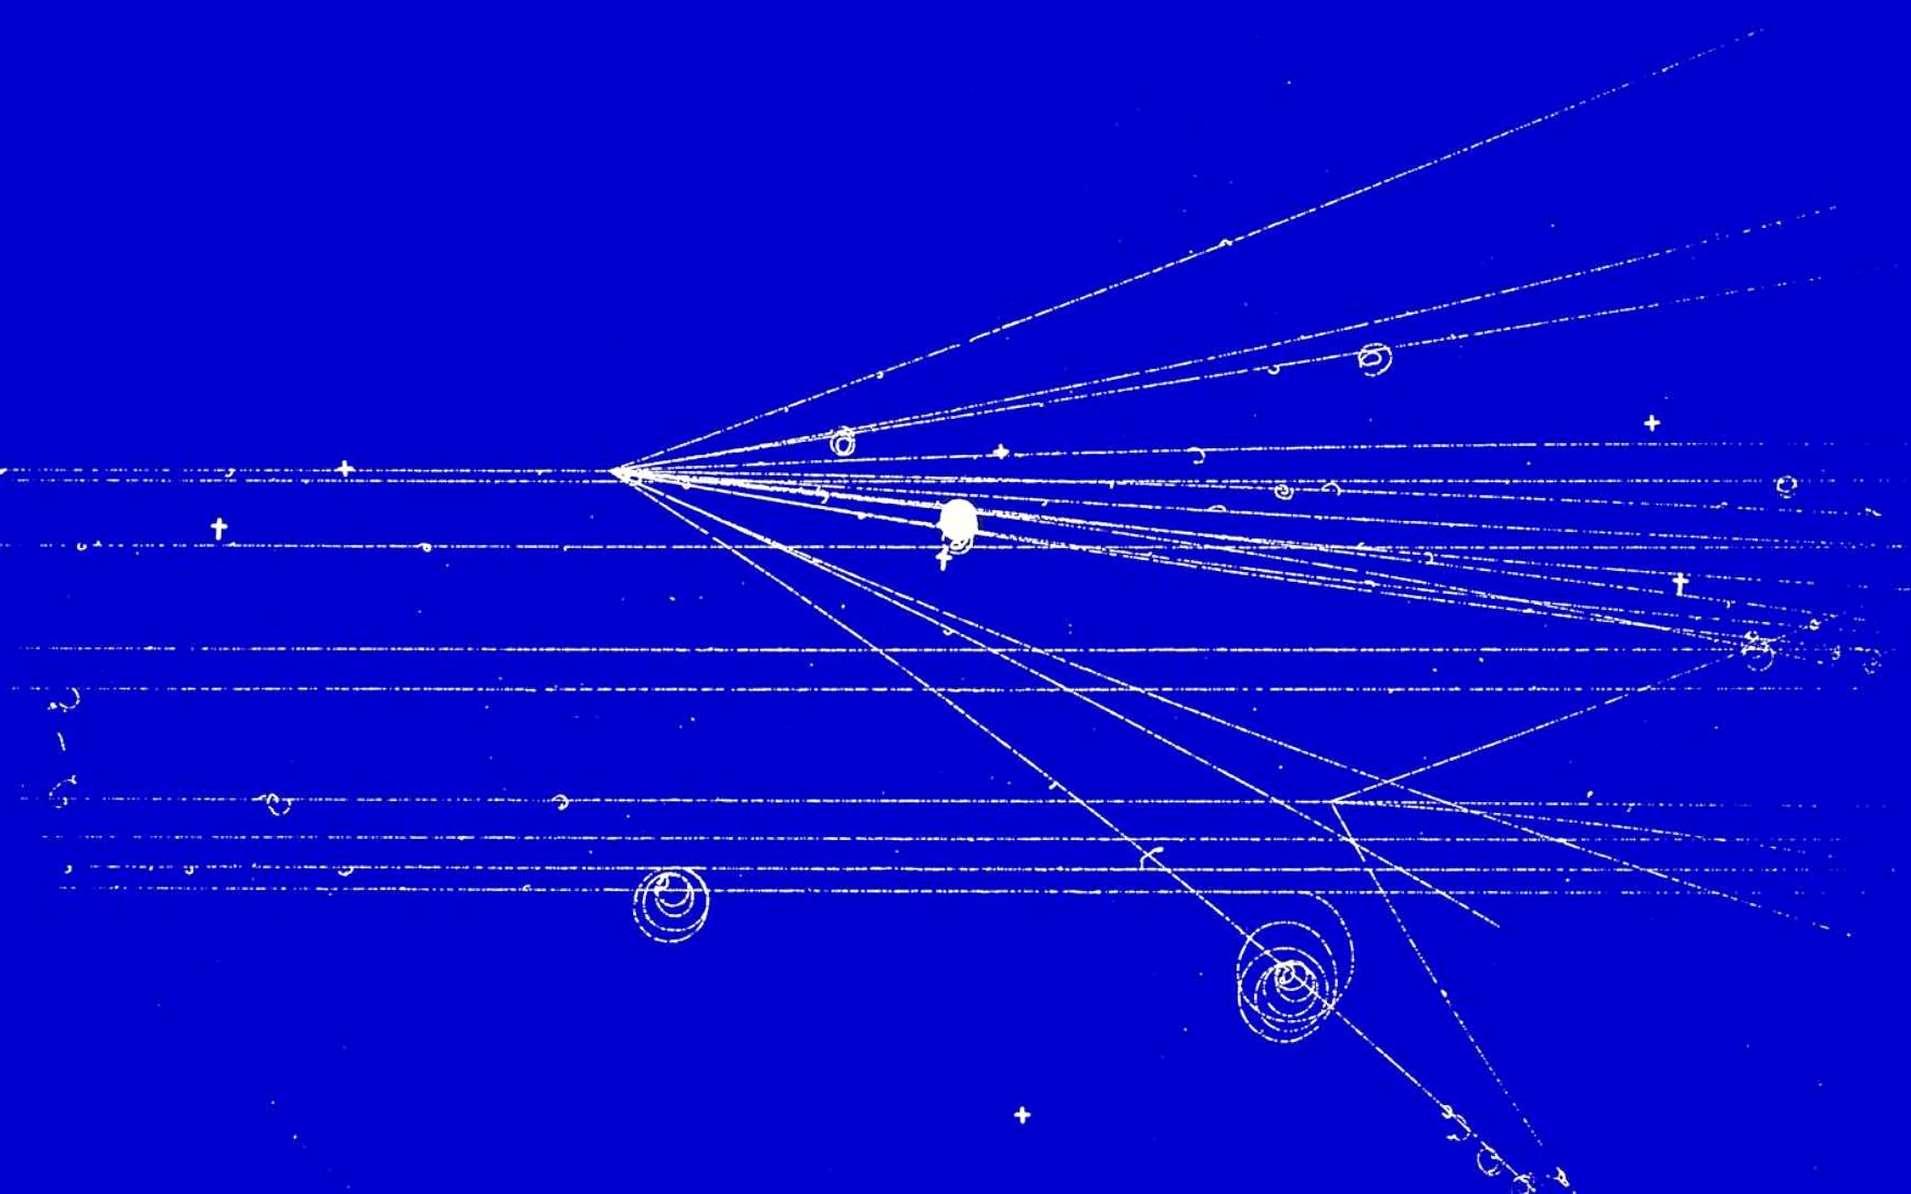 Des trajectoires de particules dans un chambre à bulles au Cern. © Cern